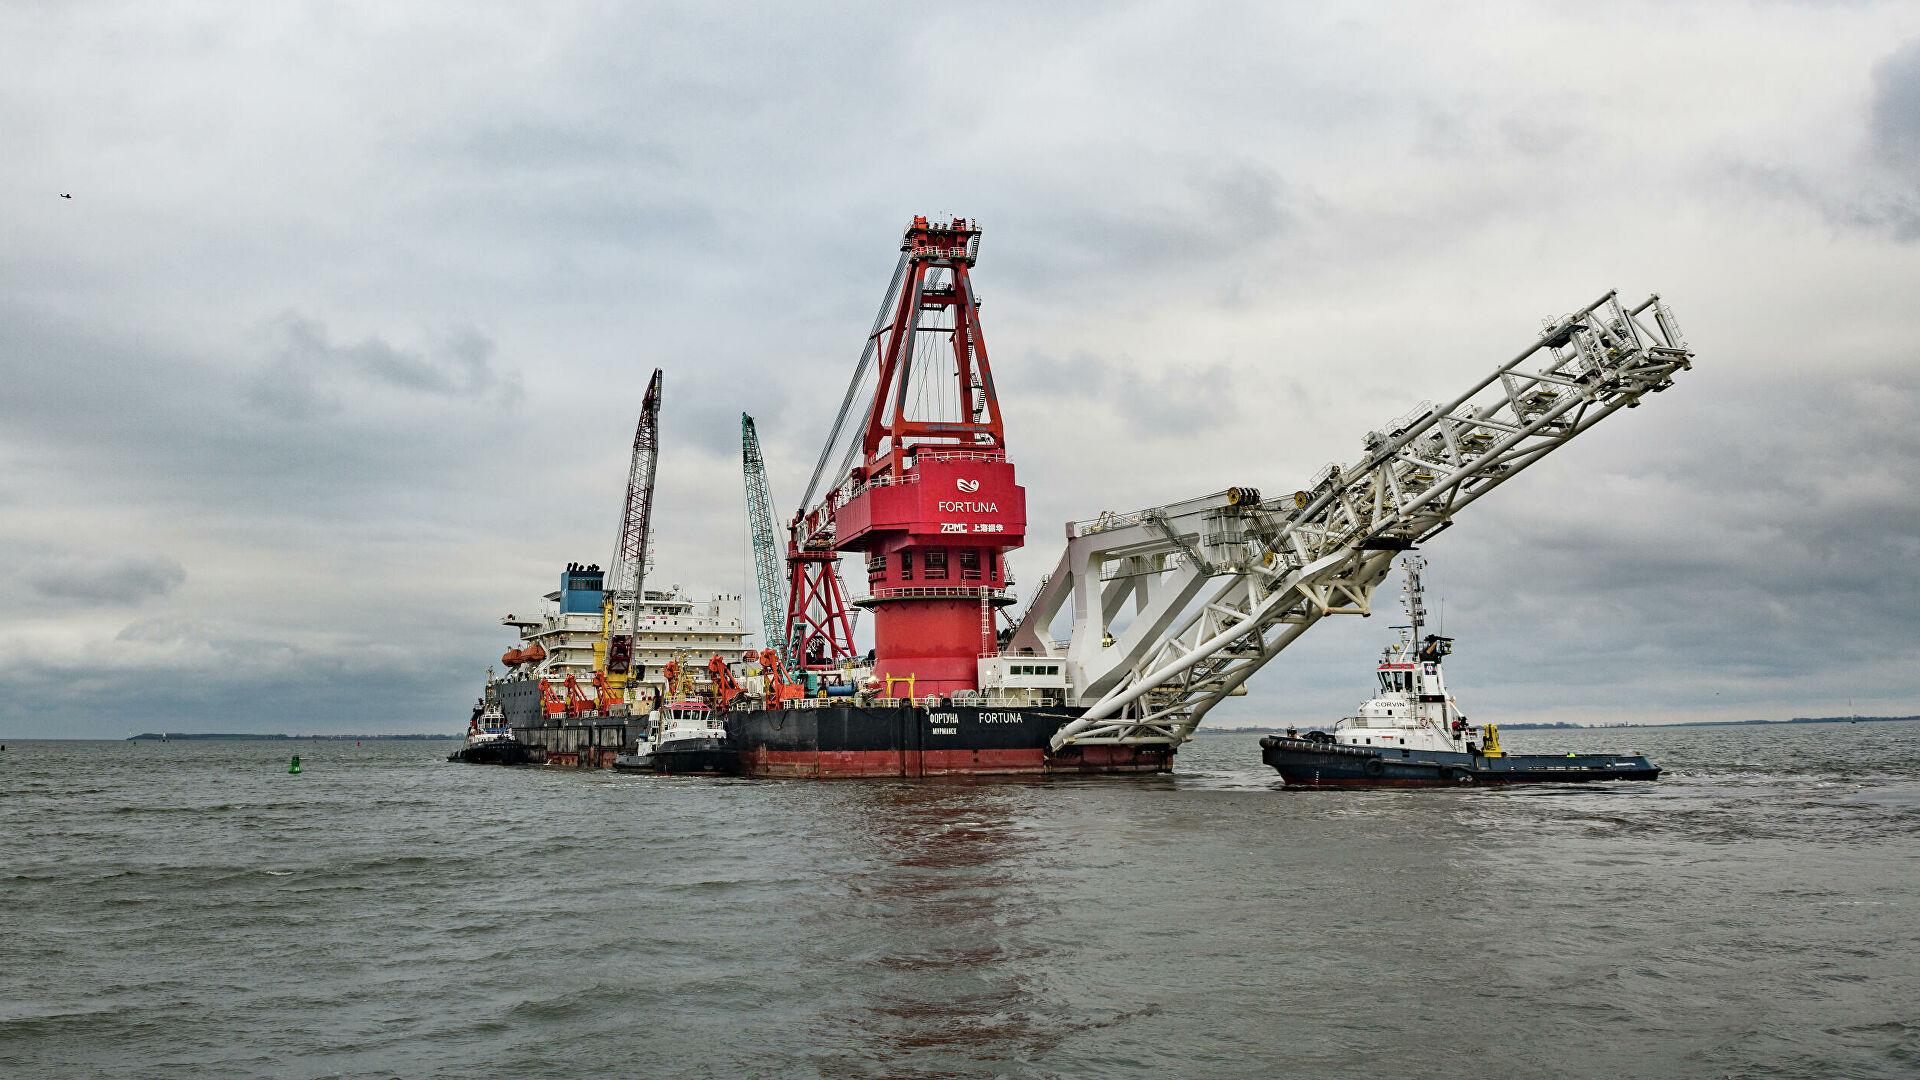 """САД ставиле на санкциони списак брод """"Фортуна"""" за полагање цеви """"Северног тока 2"""" и фирму """"КВТ-РУС"""""""